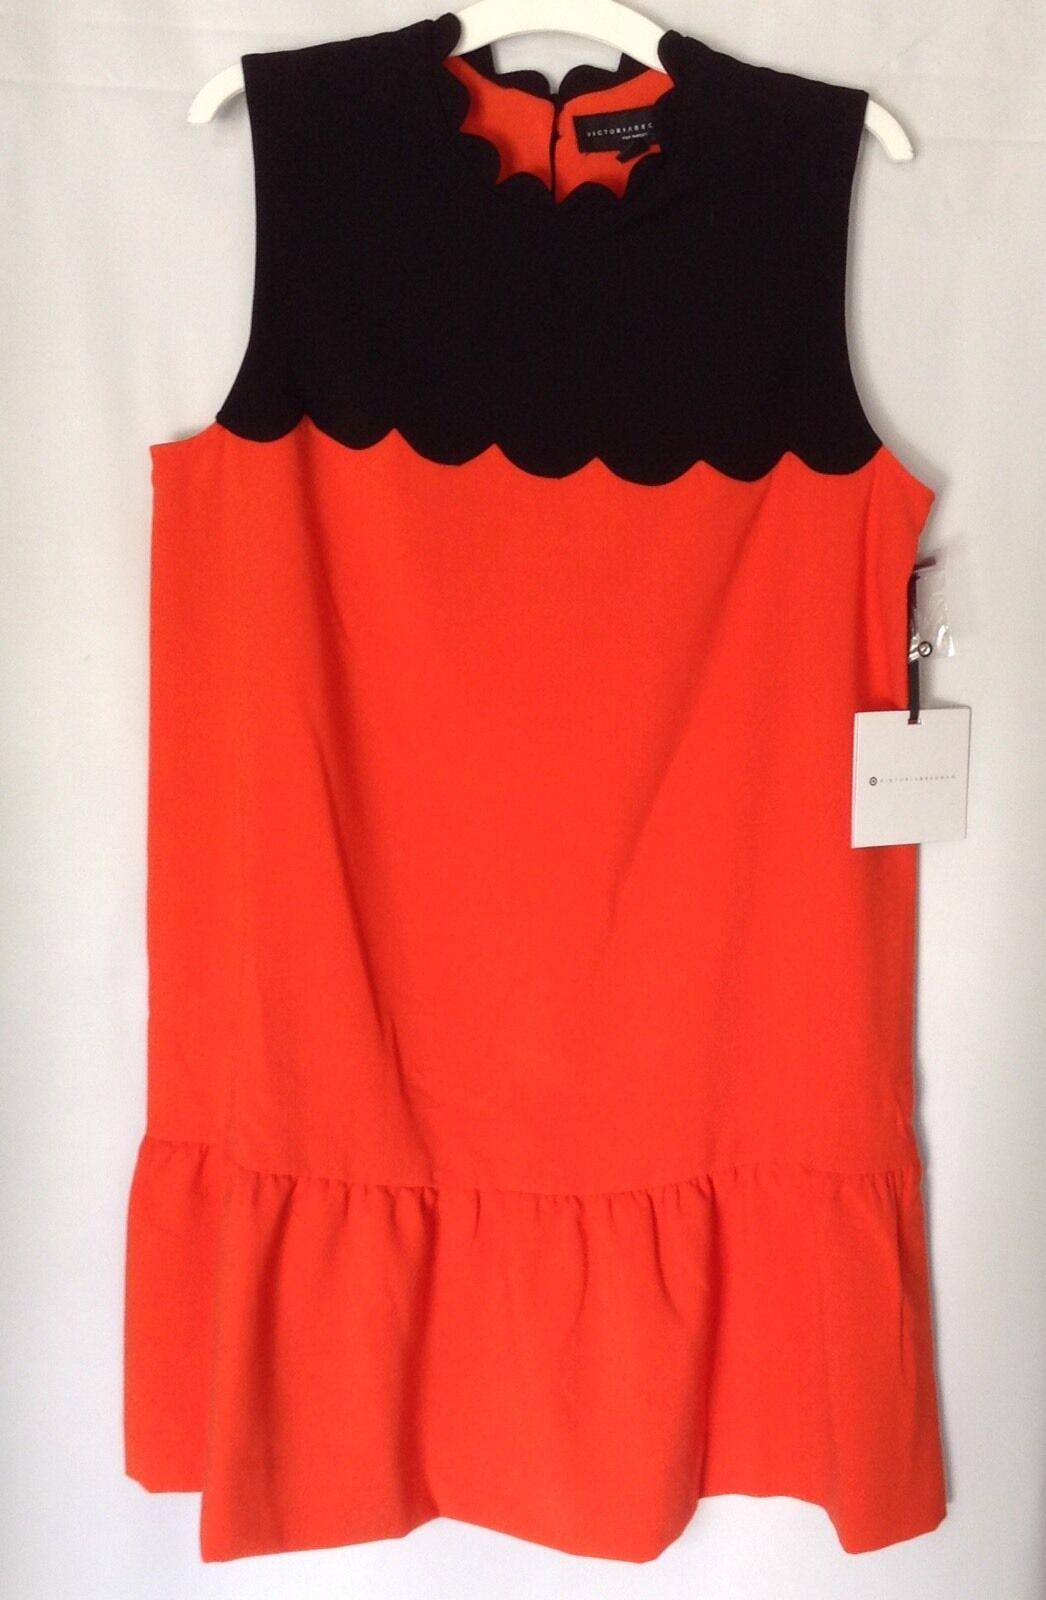 Victoria Beckham Target Shift Dress Sz XL Orange schwarz Drop Waist Scallop Trim